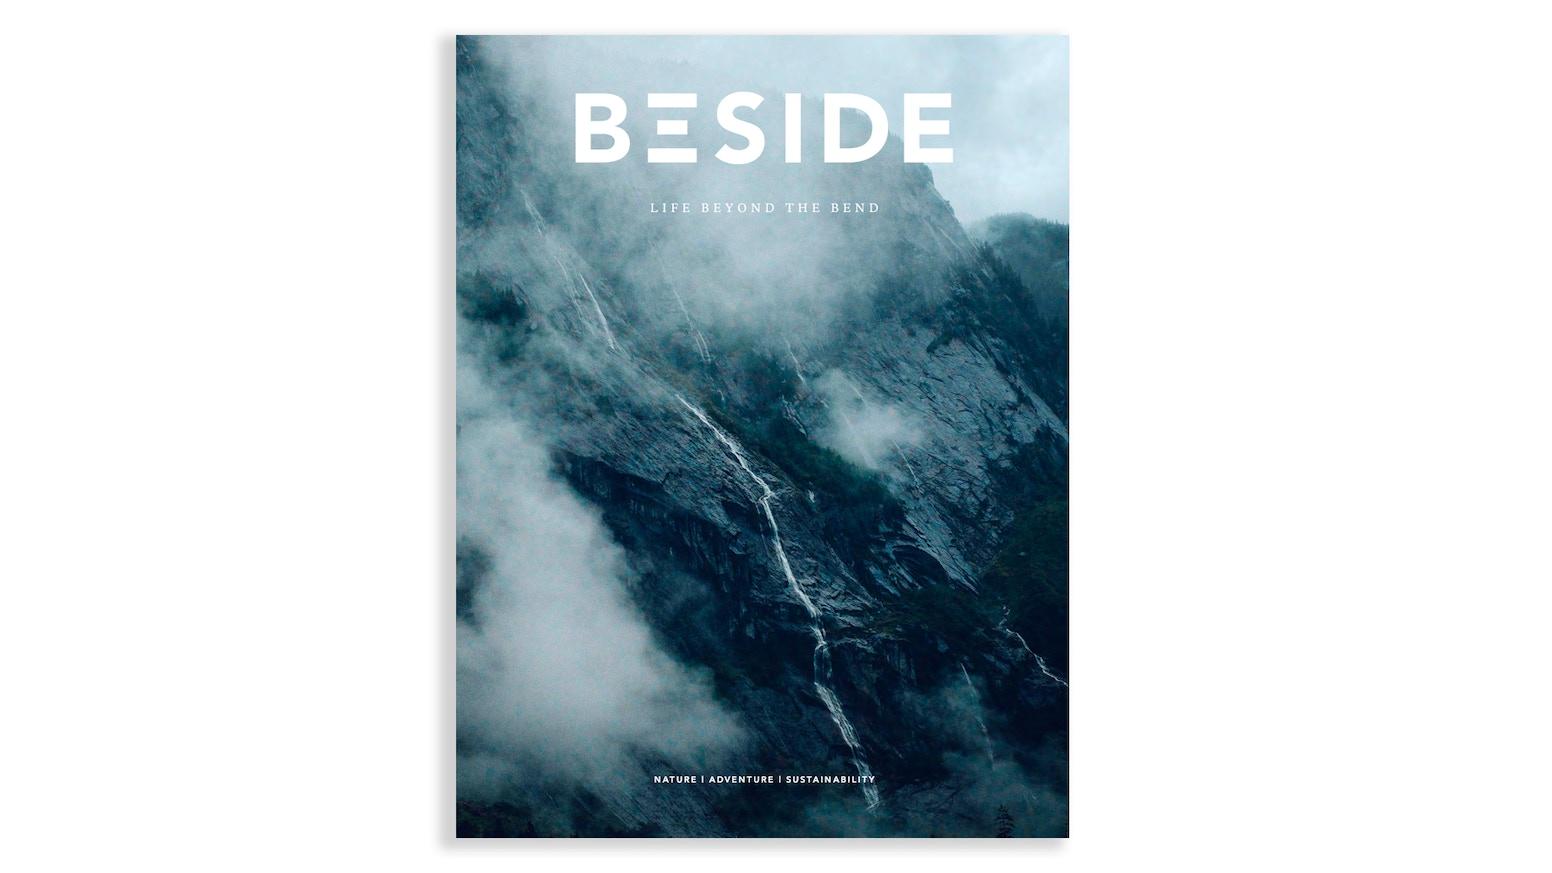 A new magazine dedicated to the community of outdoor enthusiasts - Un magazine consacré à la nouvelle philosophie du plein air. www.besidemagazine.com